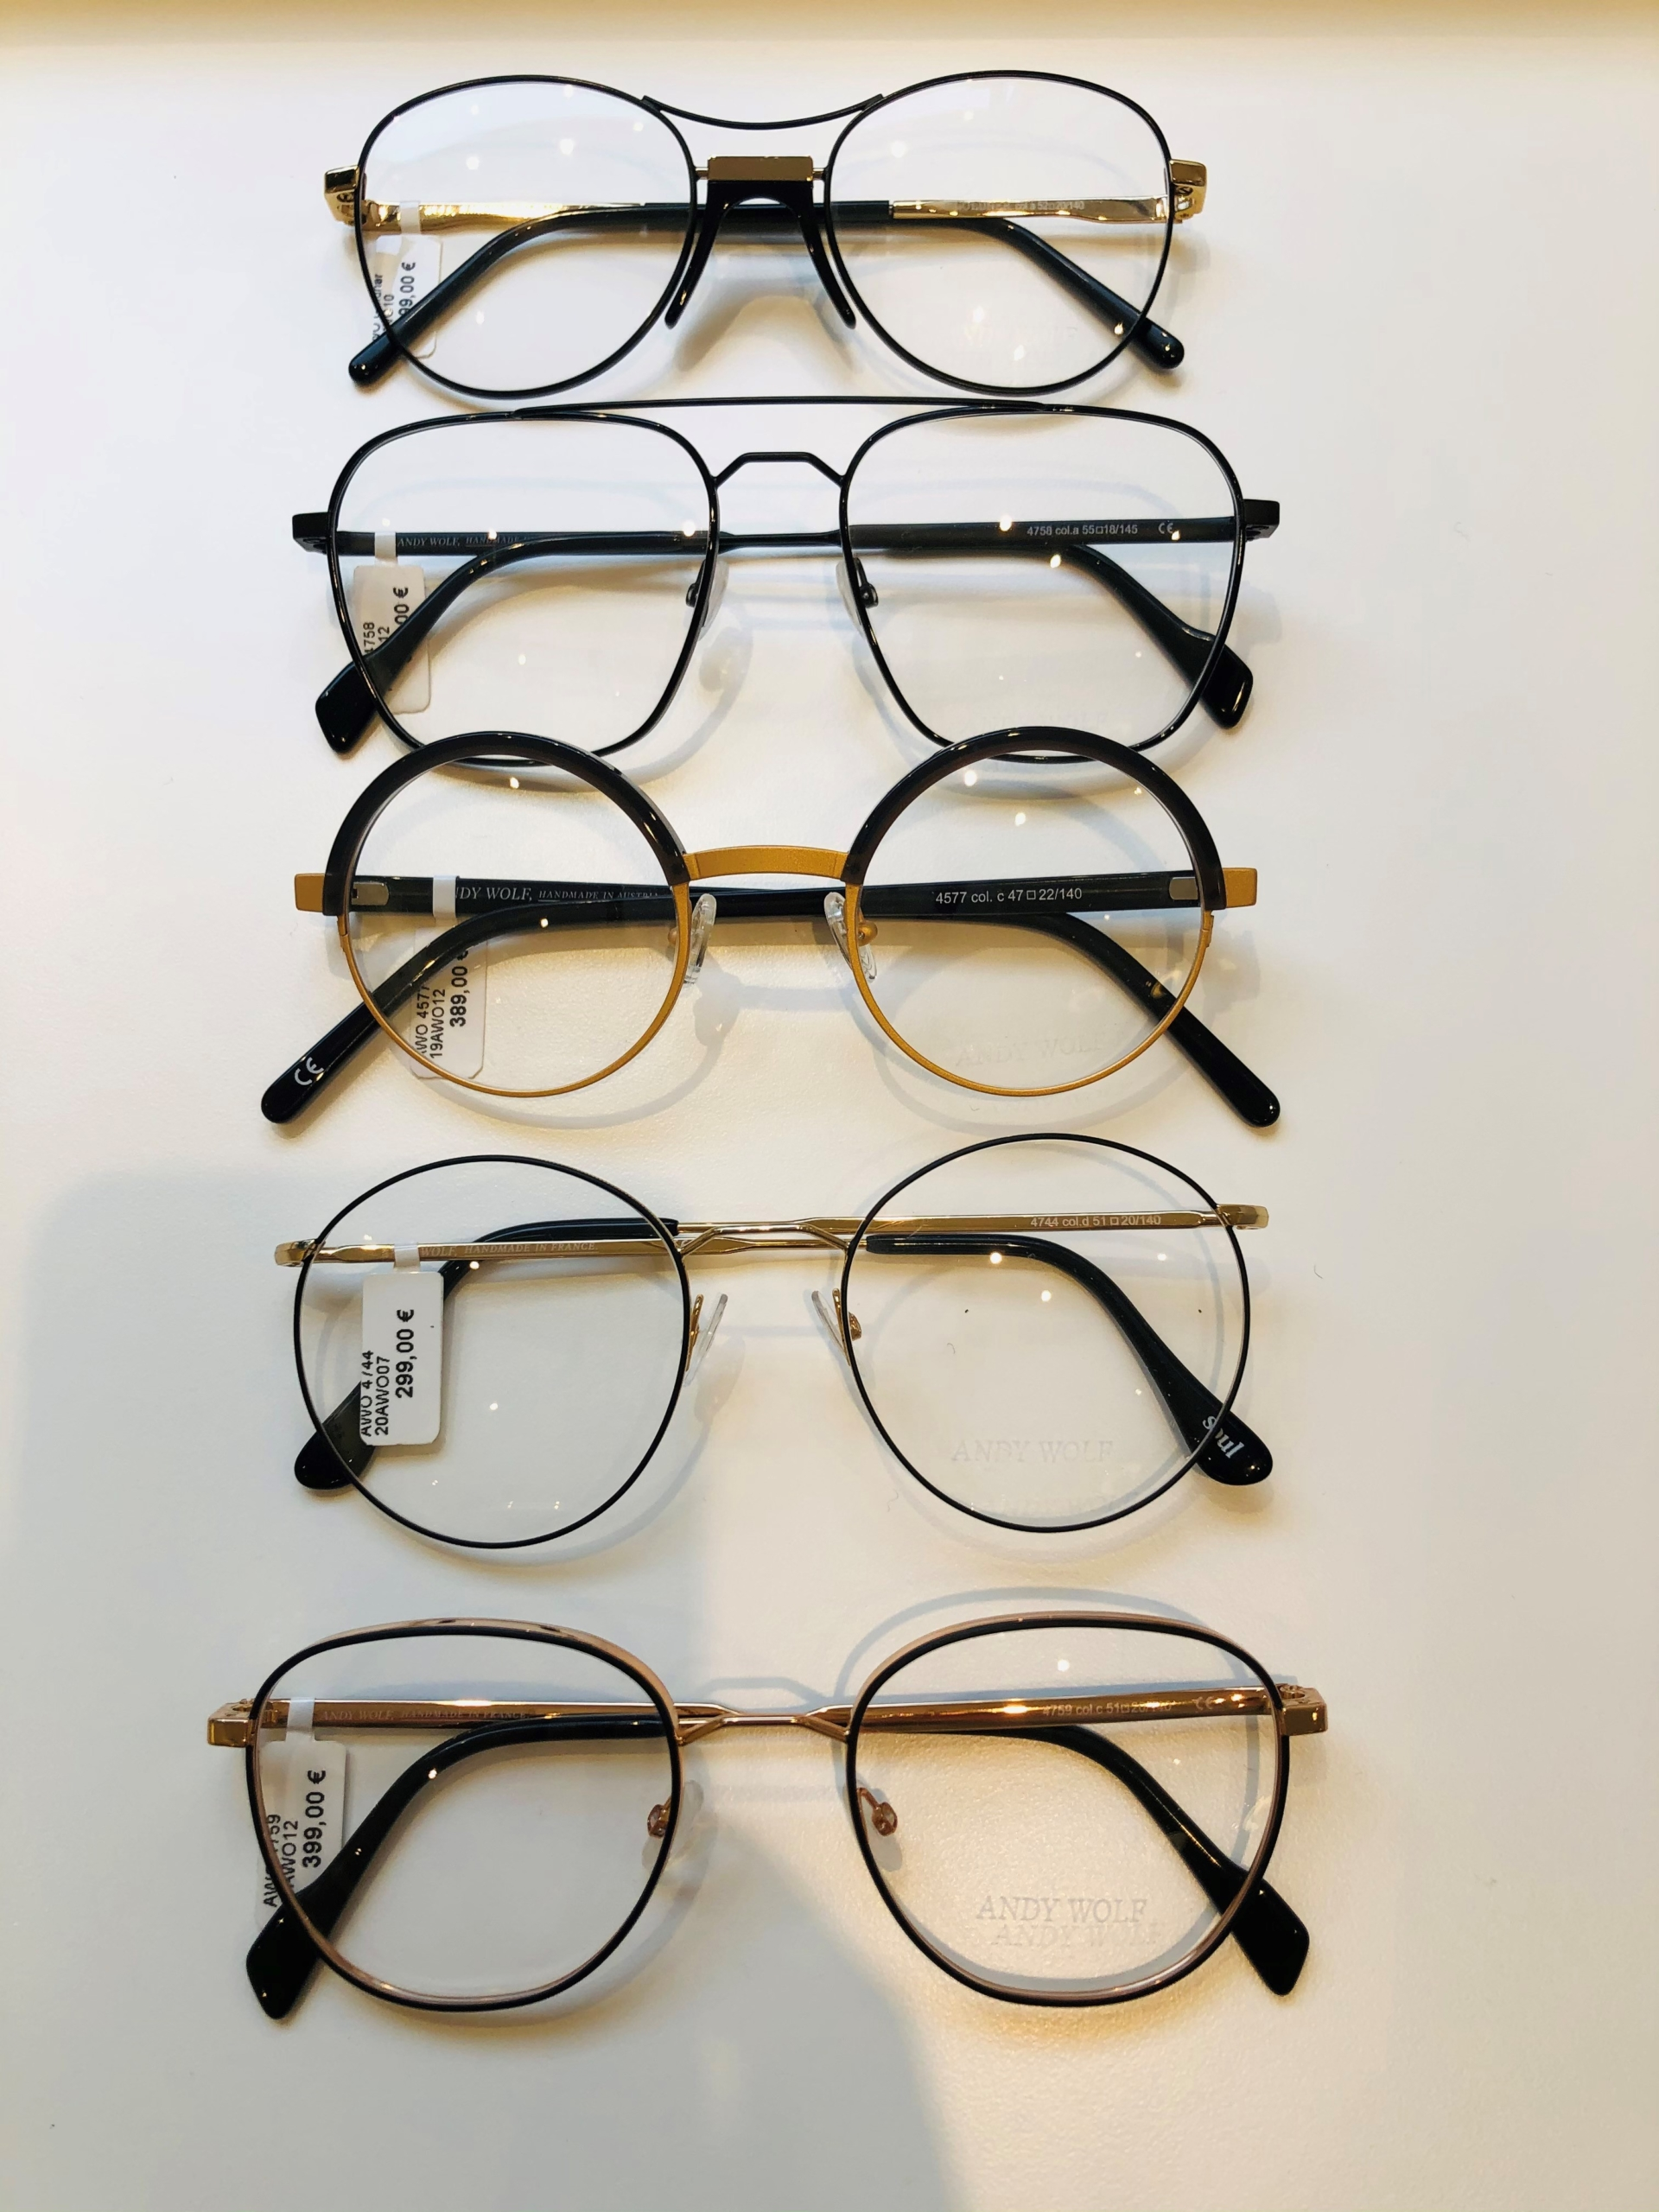 2_Schaufenster online_02122020_Optiker Augensache Brille Kontaktlinse Friedberg_ANDY WOLF_YOUMAWO